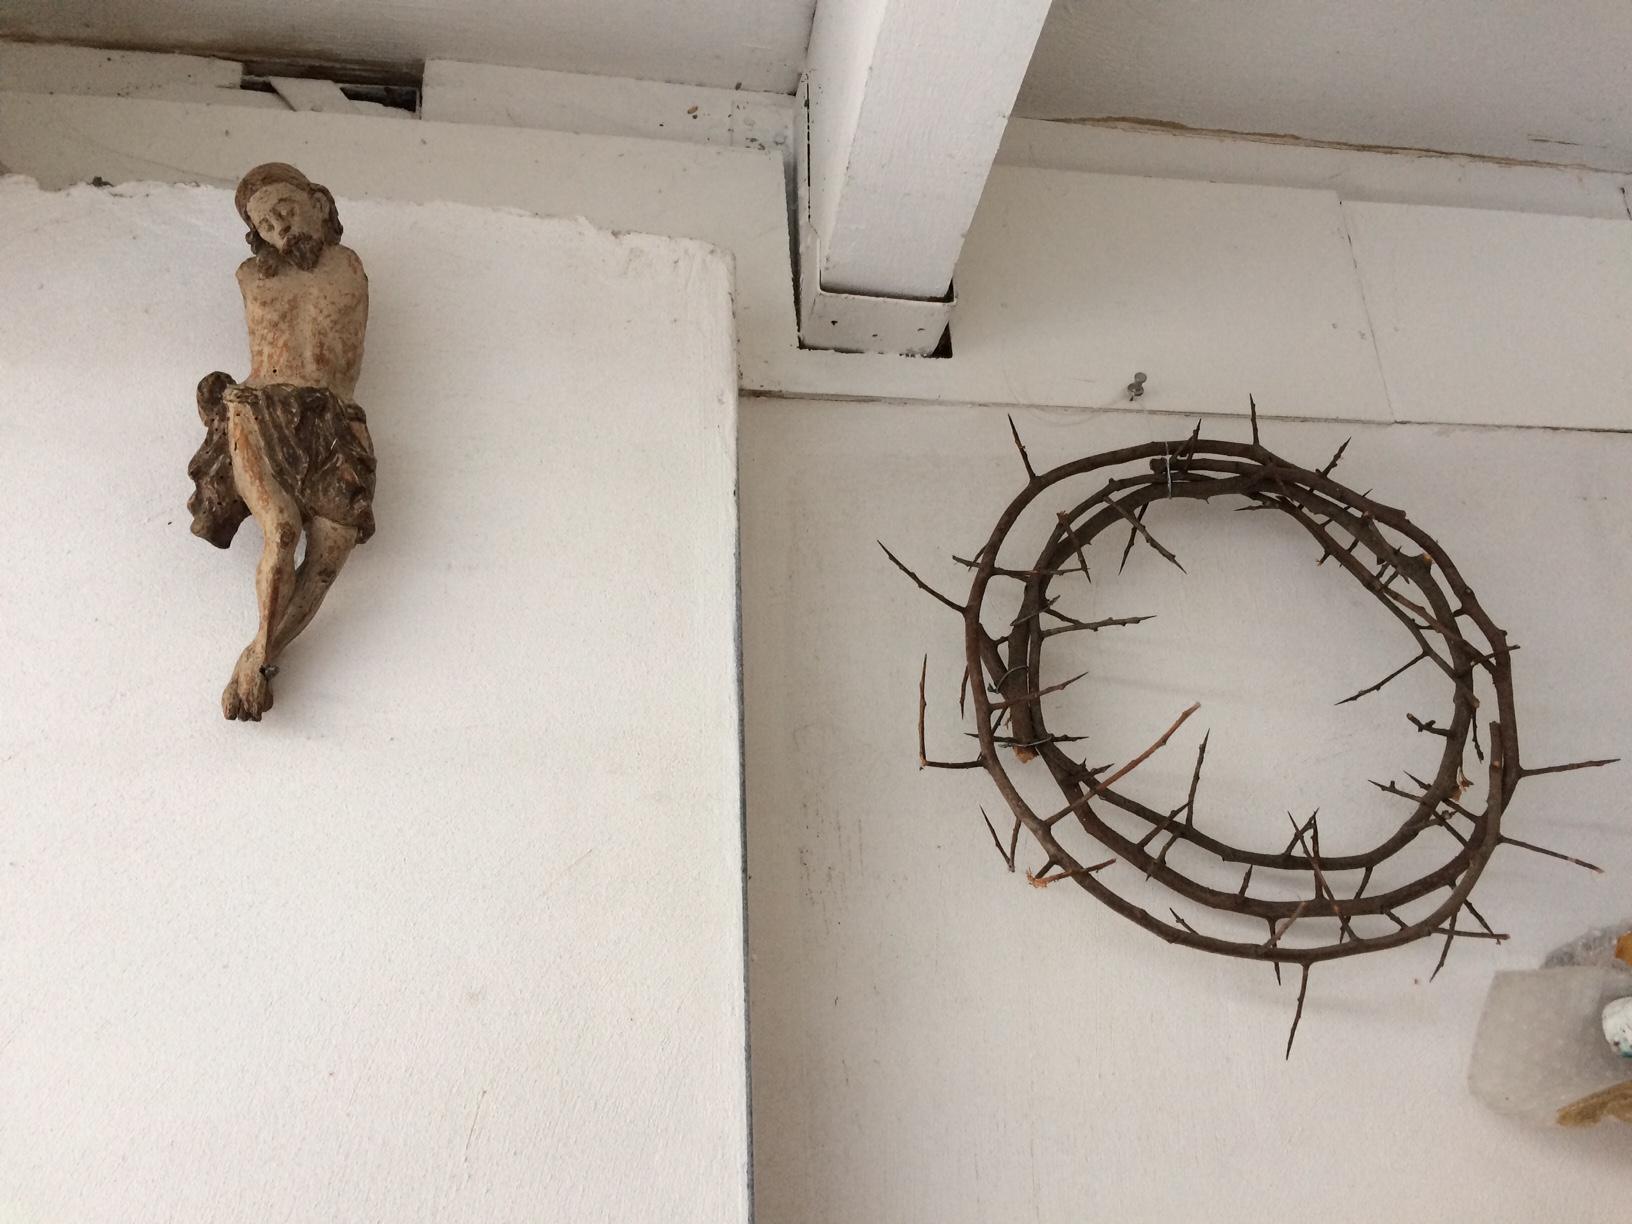 Paul van Dongen studio with crown of thorns